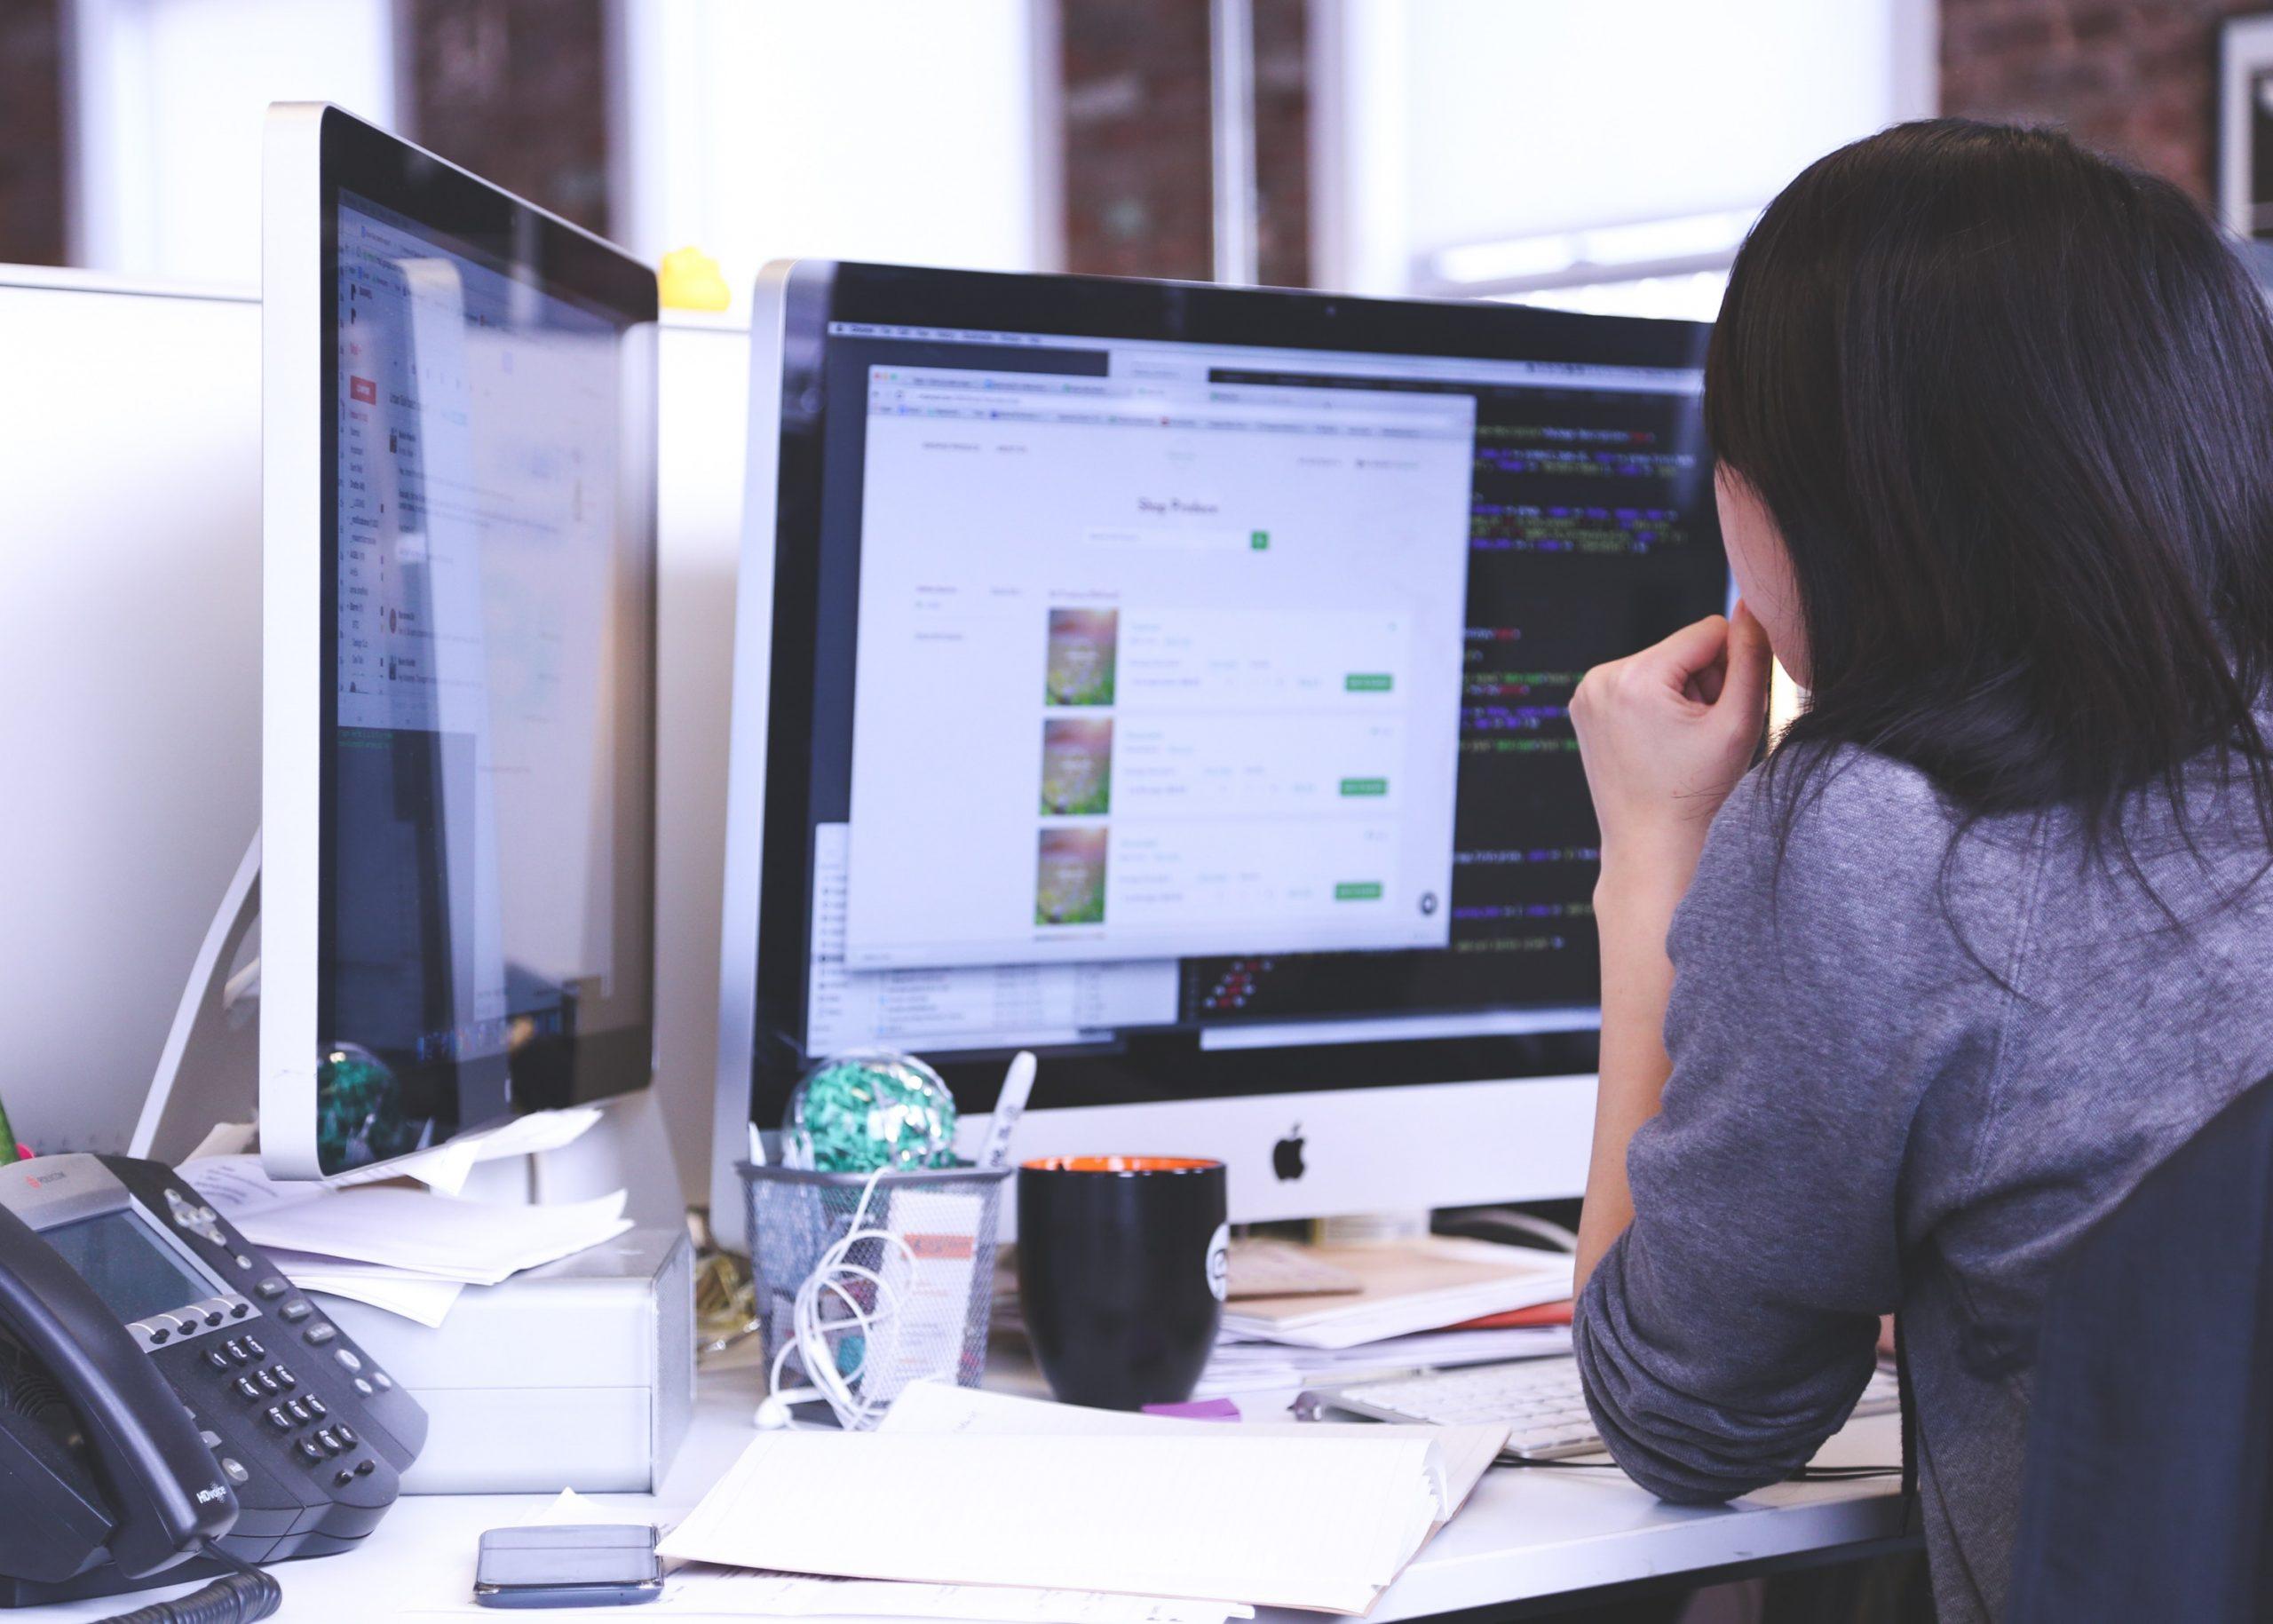 aumentar la presencia digital de tu negocio